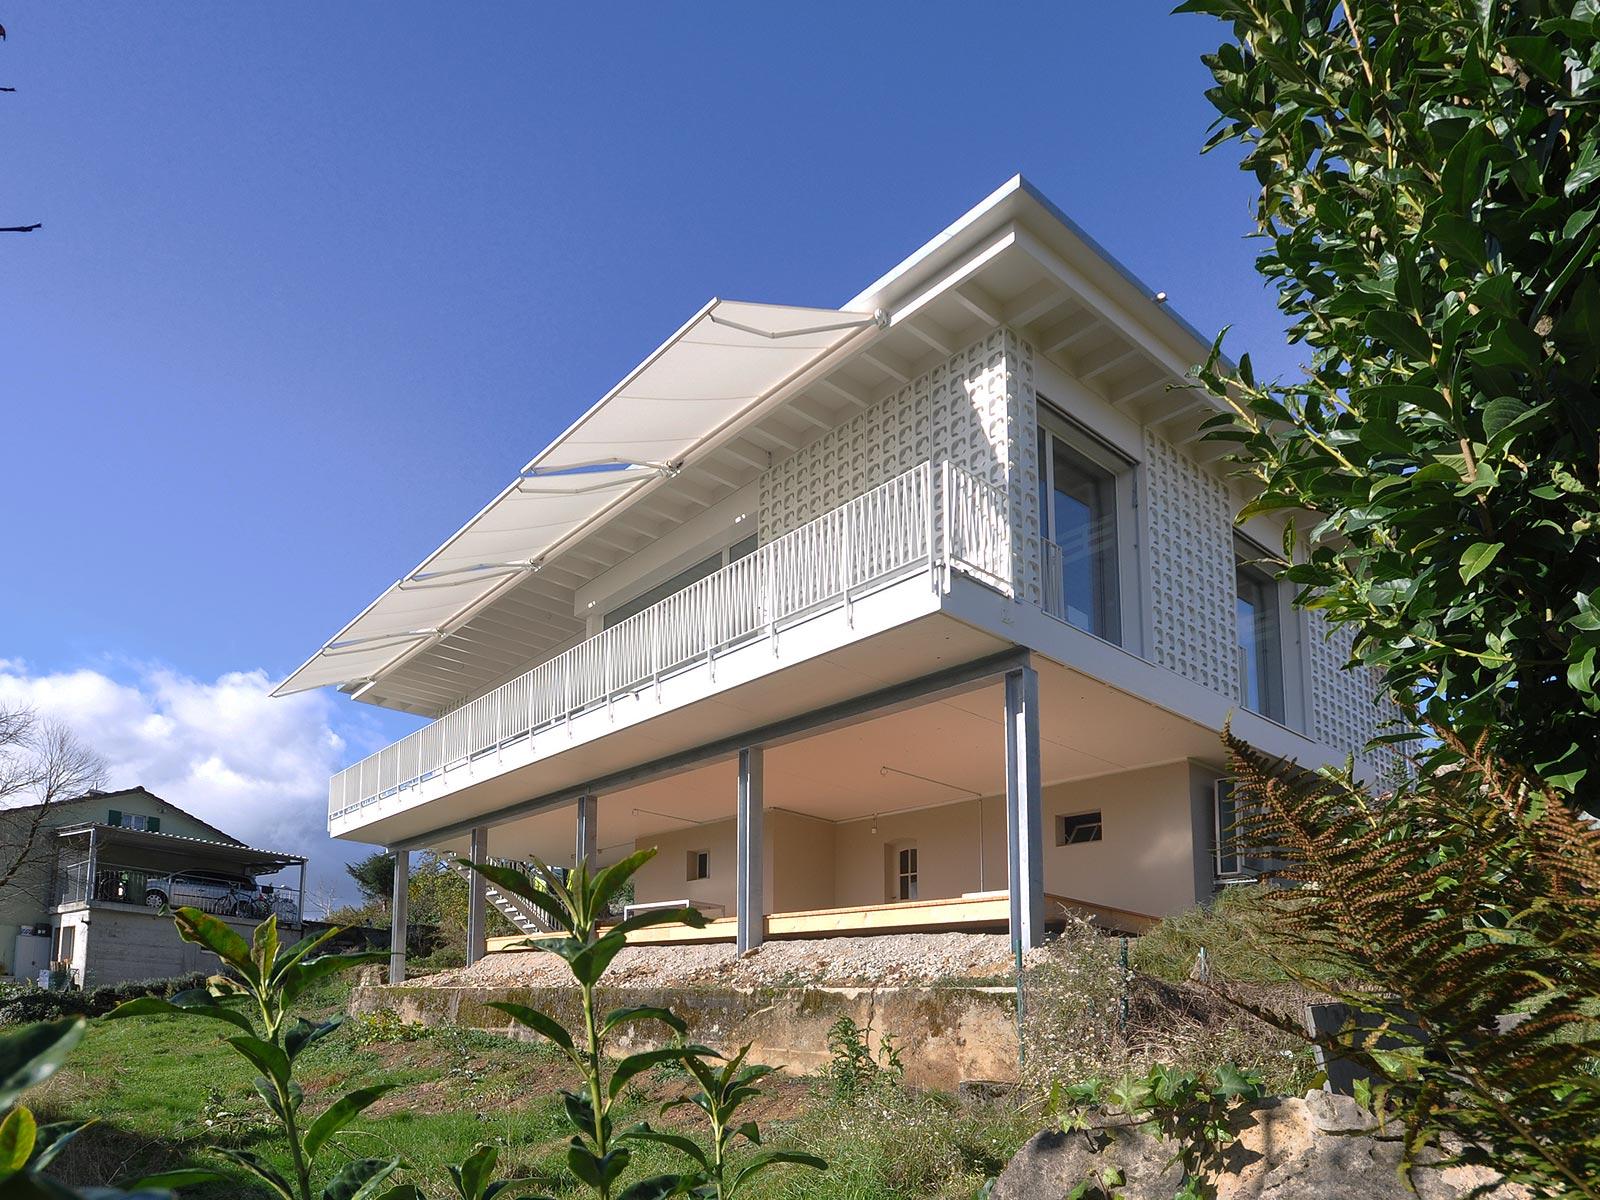 best architects architektur award husistein partner ag husistein partner ag. Black Bedroom Furniture Sets. Home Design Ideas